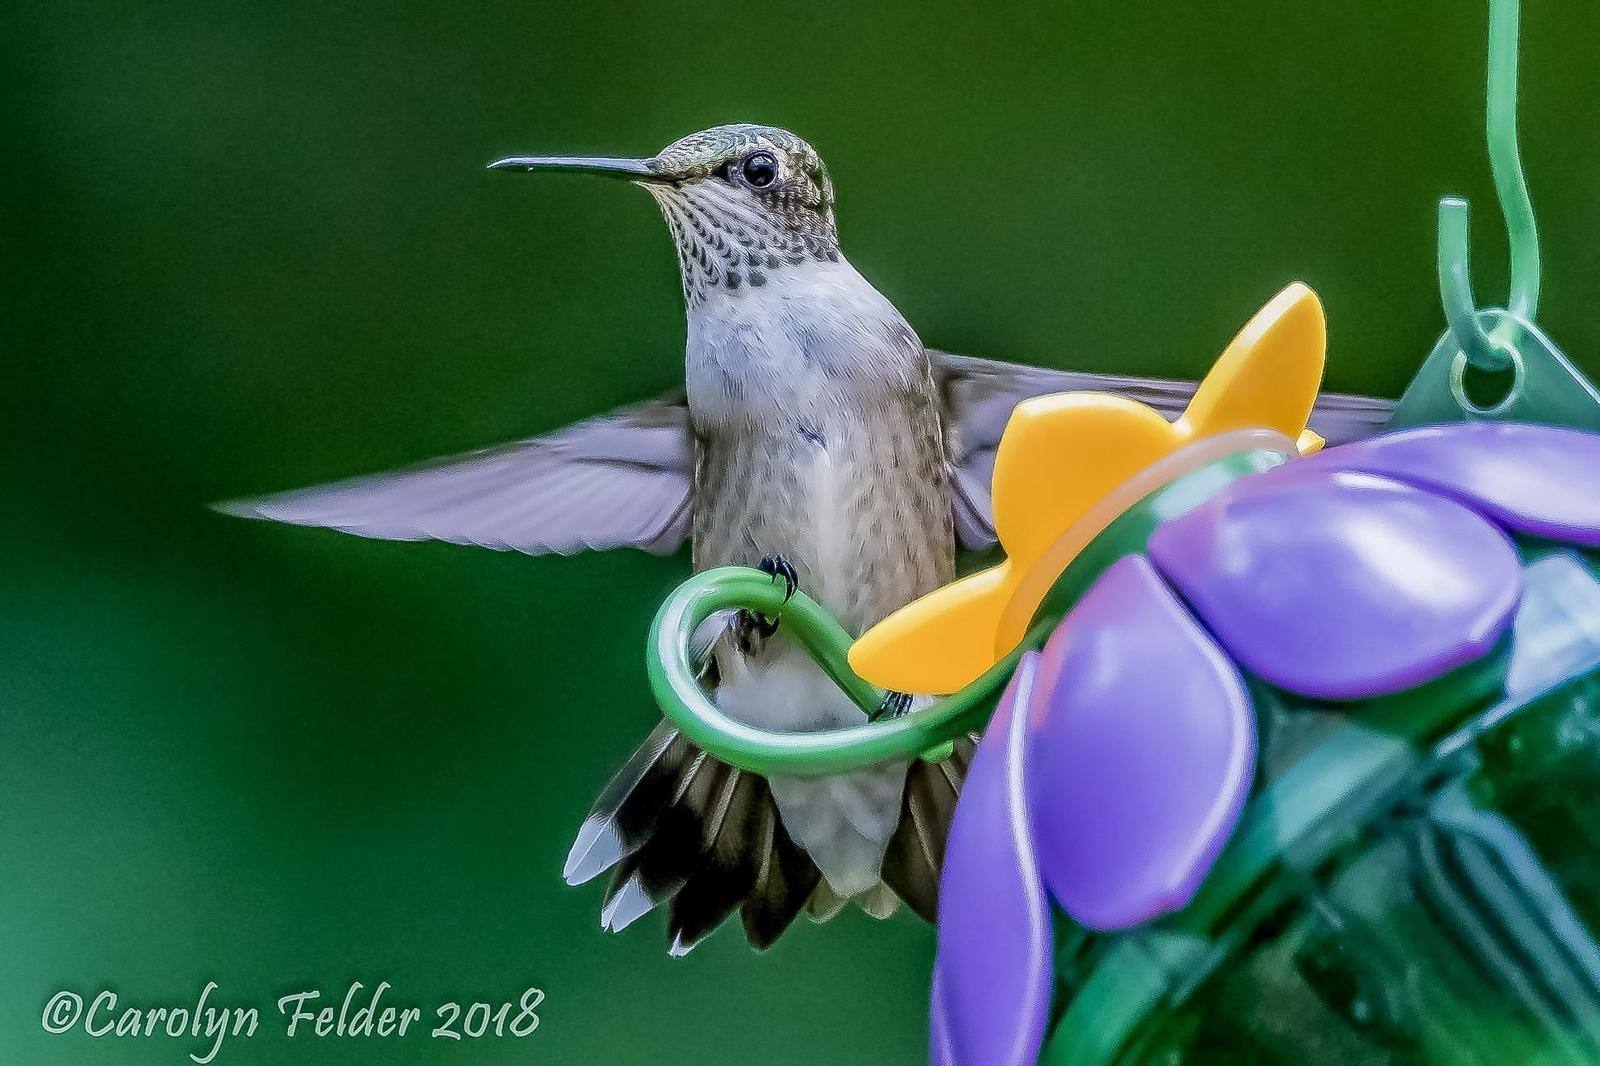 Ruby-throated Hummingbird Photo by Carolyn Felder